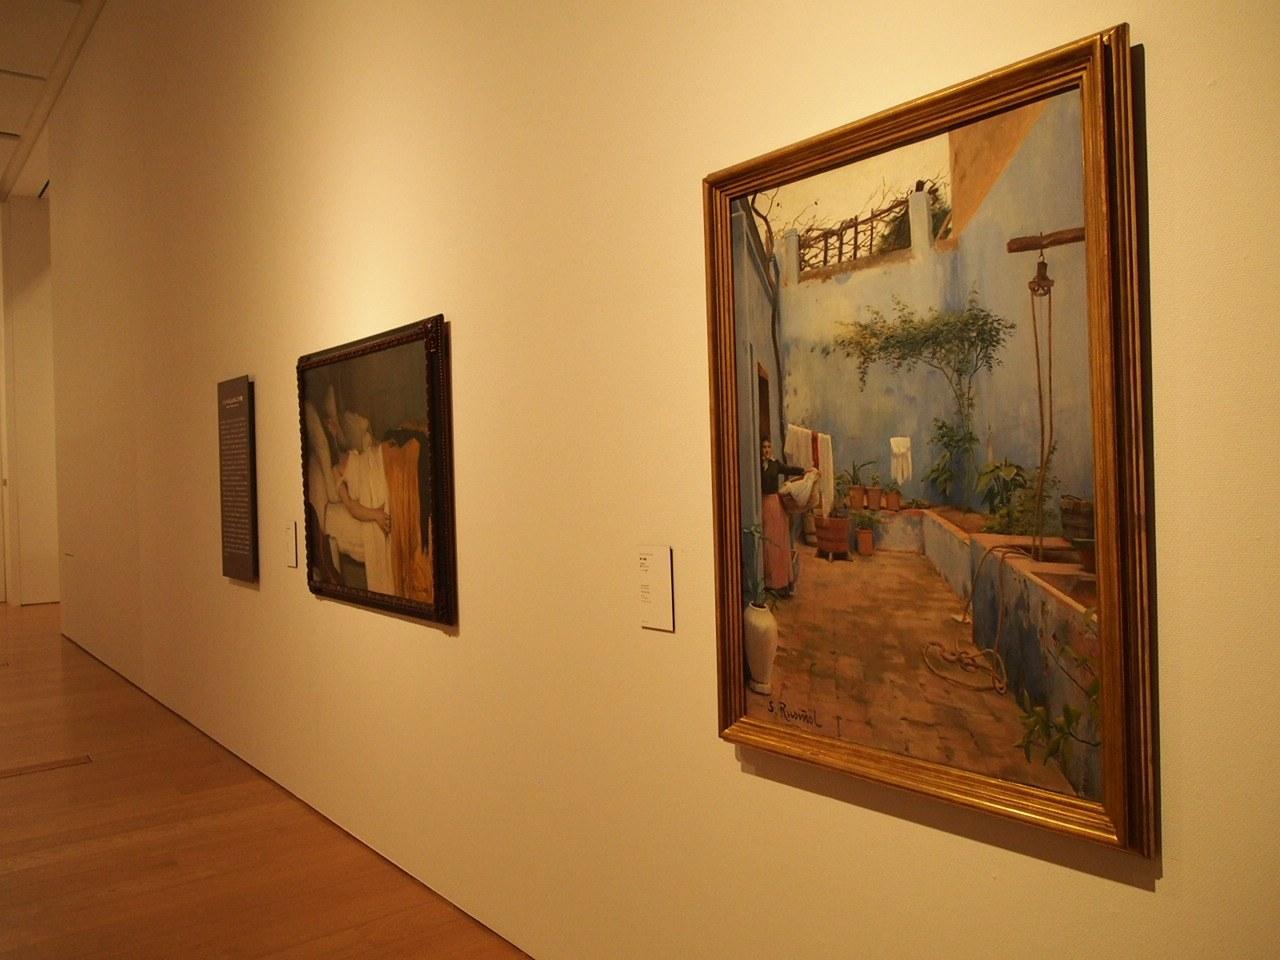 Obres de Rusiñol i d'Utrillo del Cau Ferrat acompanyen la ruta japonesa del Modernisme català